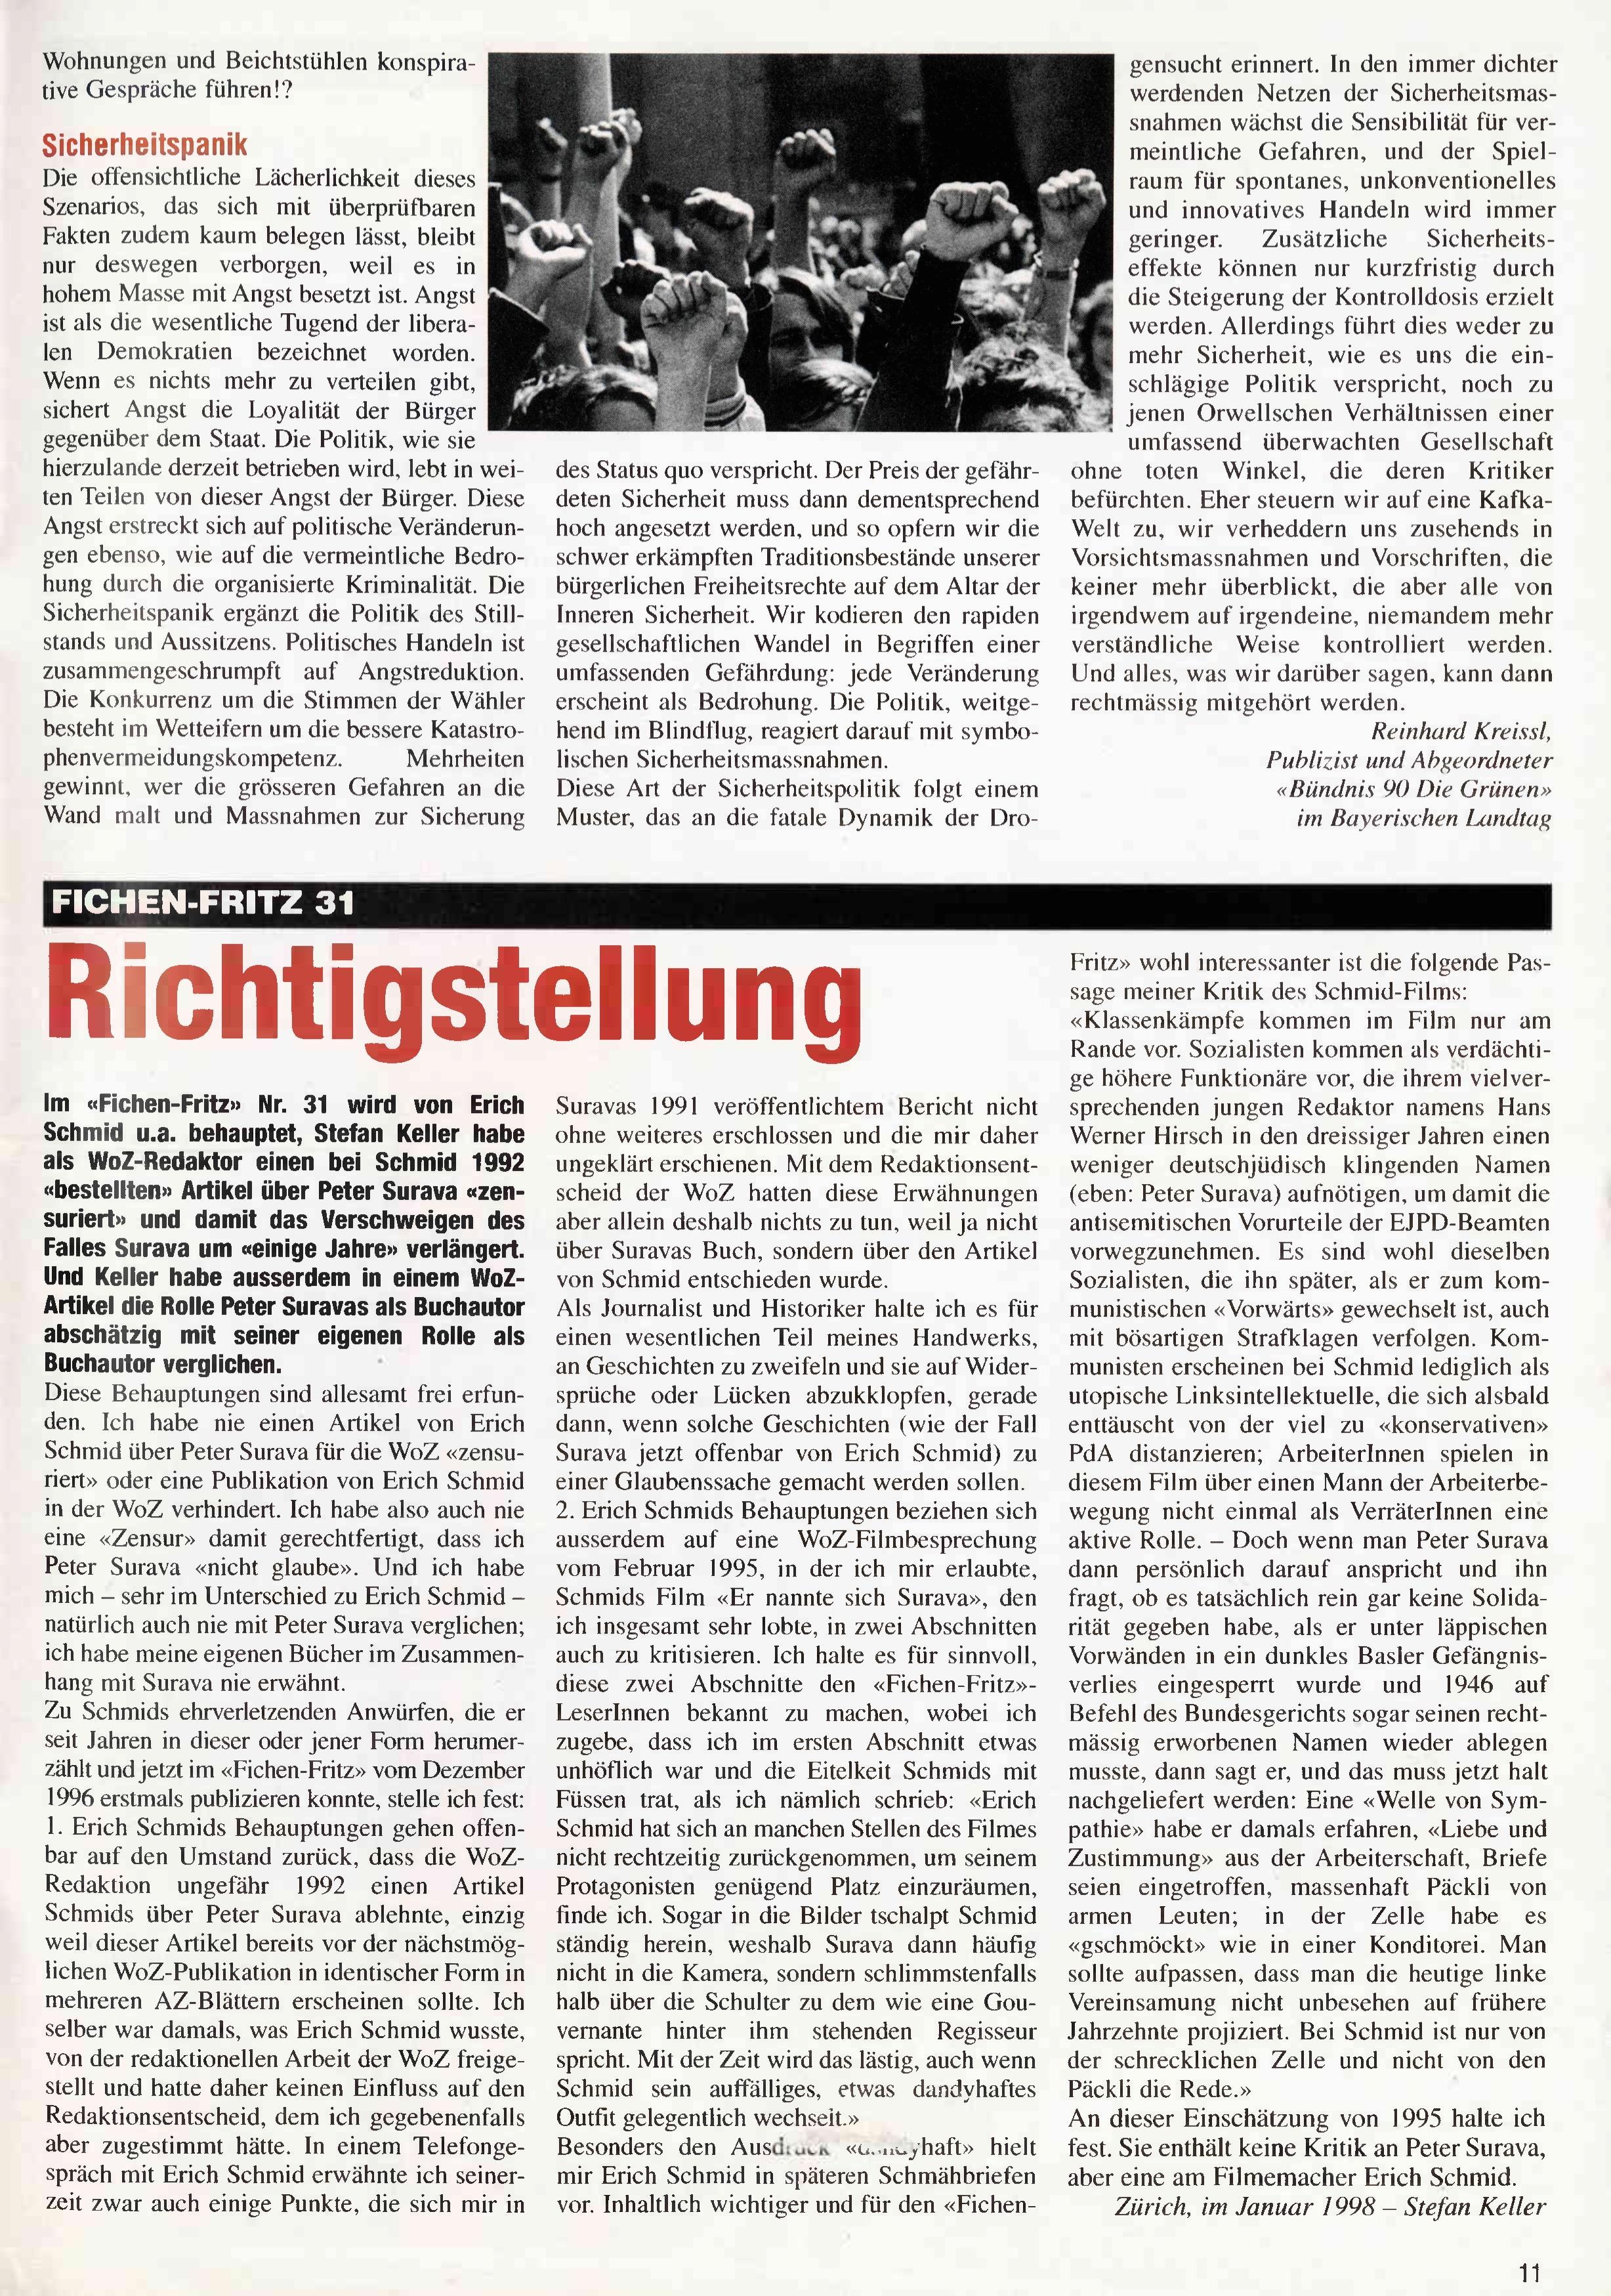 FICHEN FRITZ NR. 32 - SEITE 11